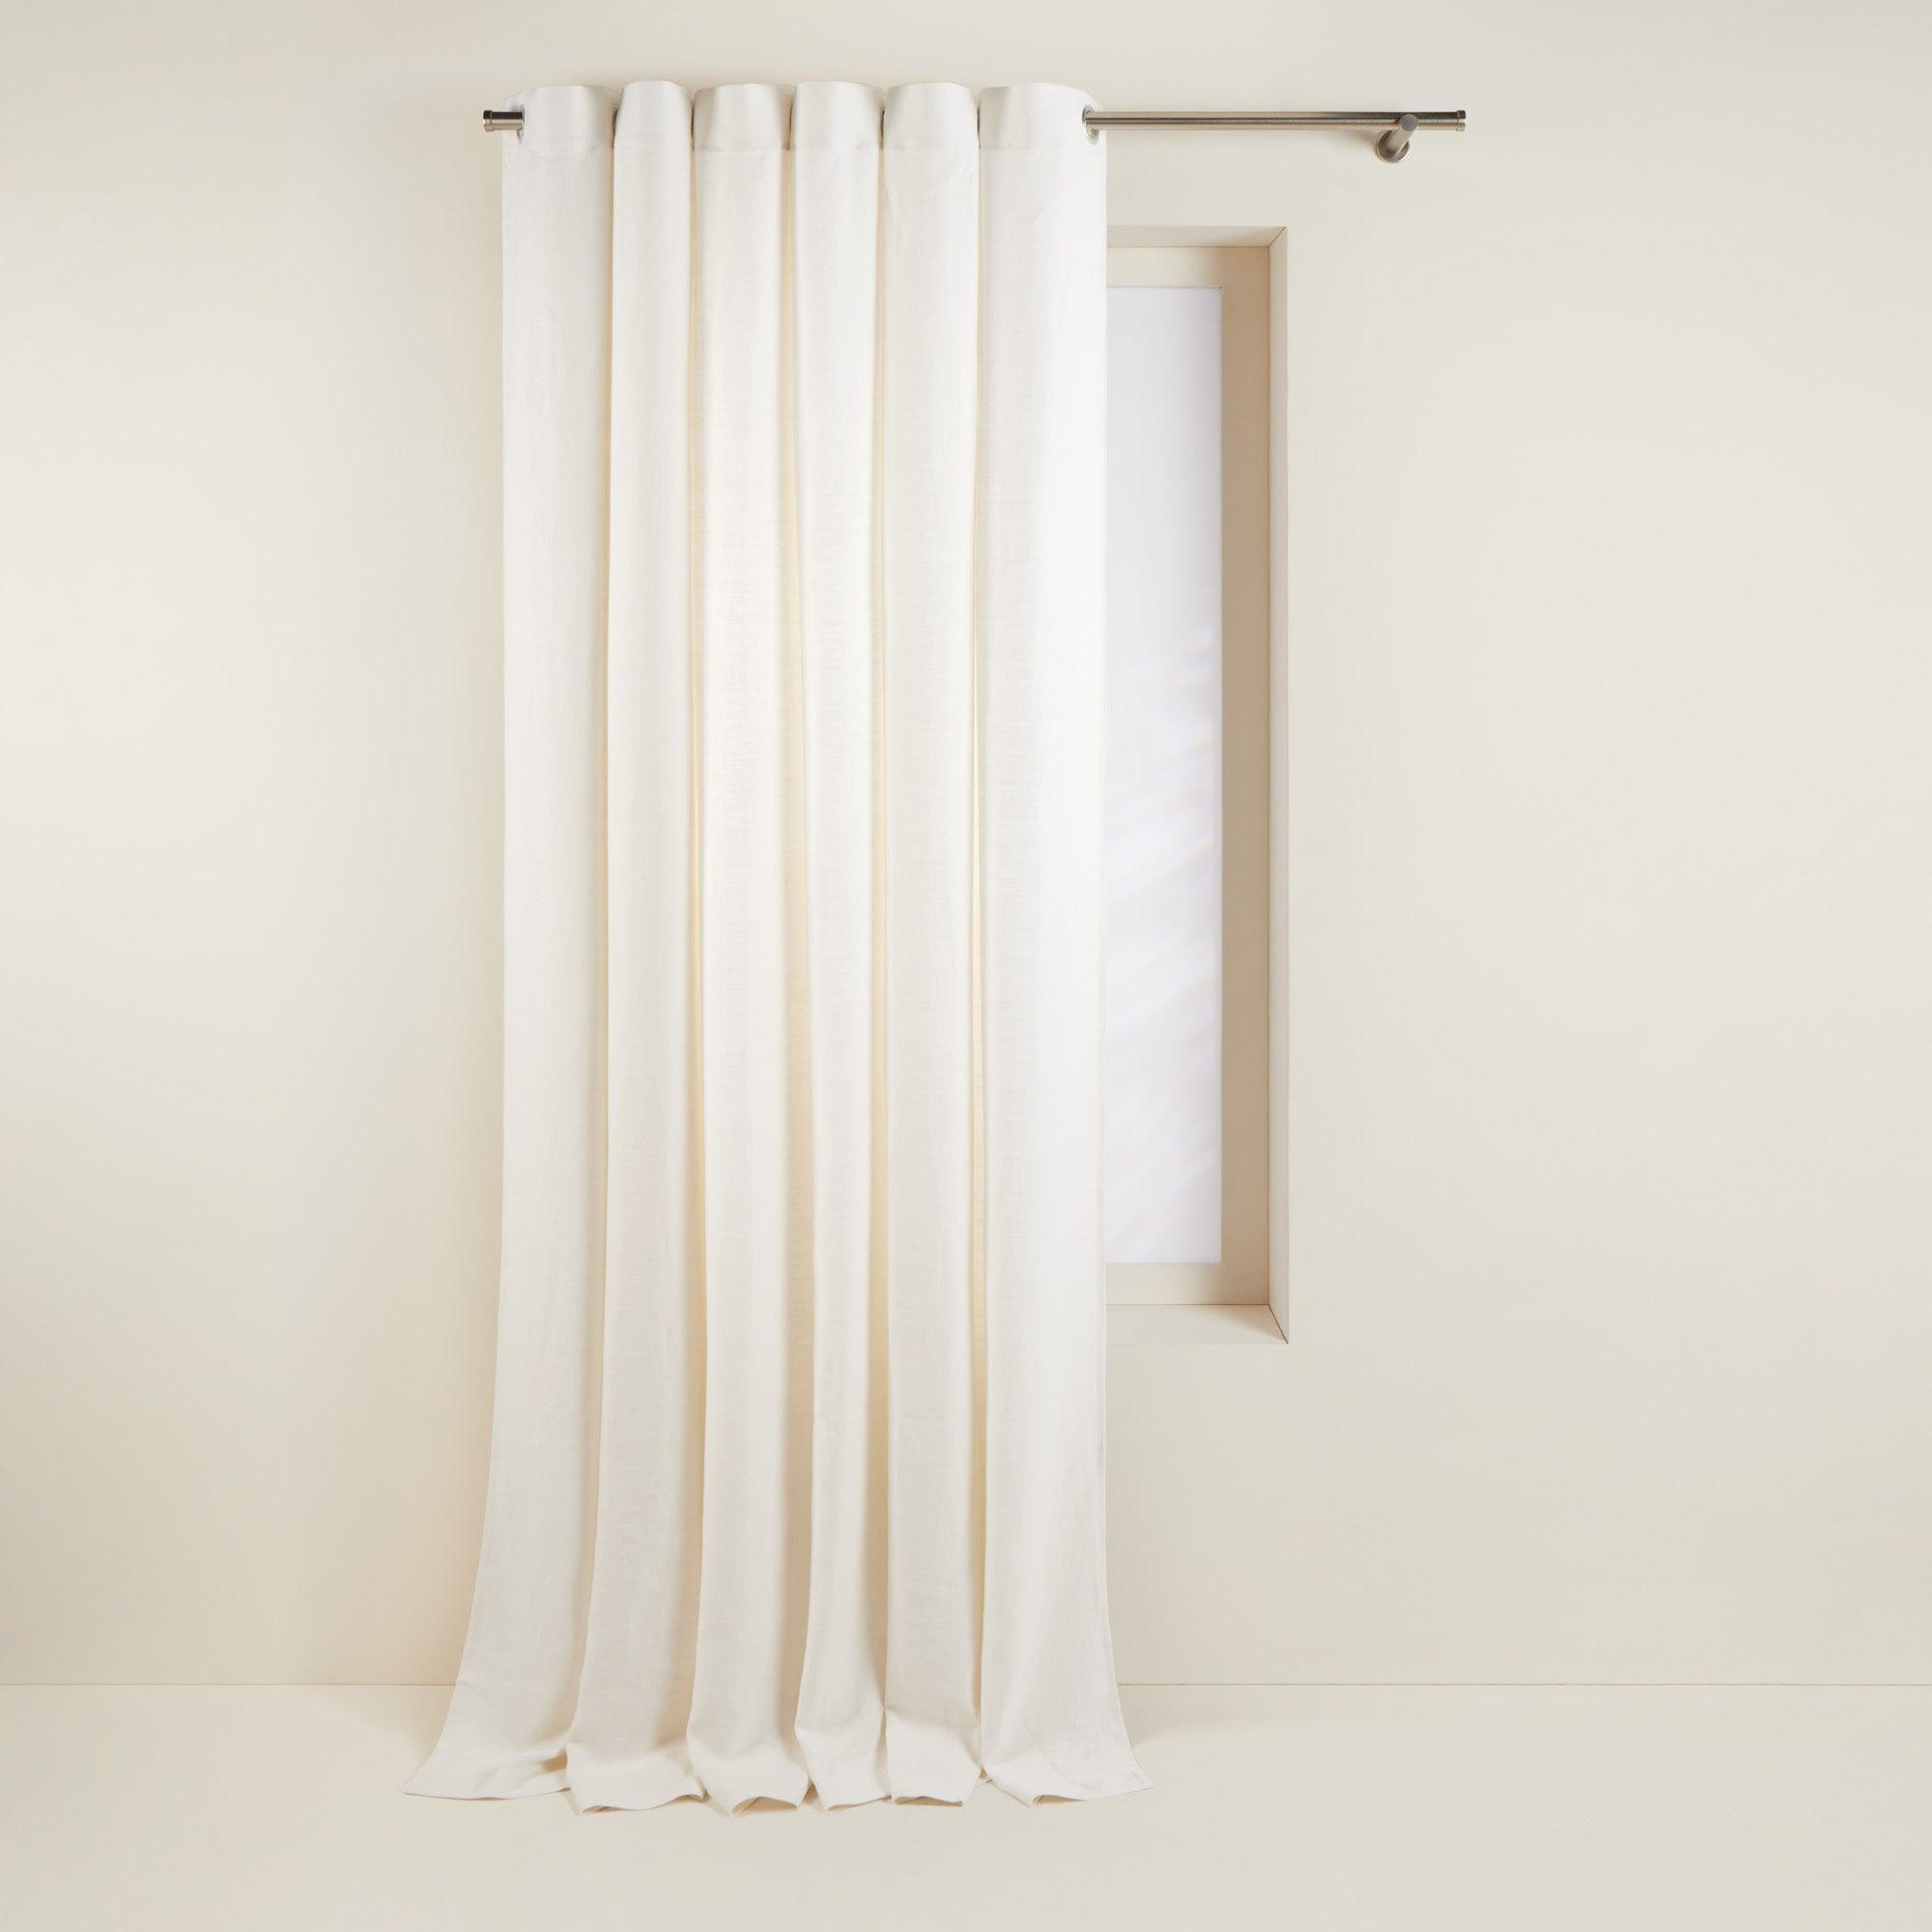 Rideau à oeillets AUBIN 200x275 cm Blanc